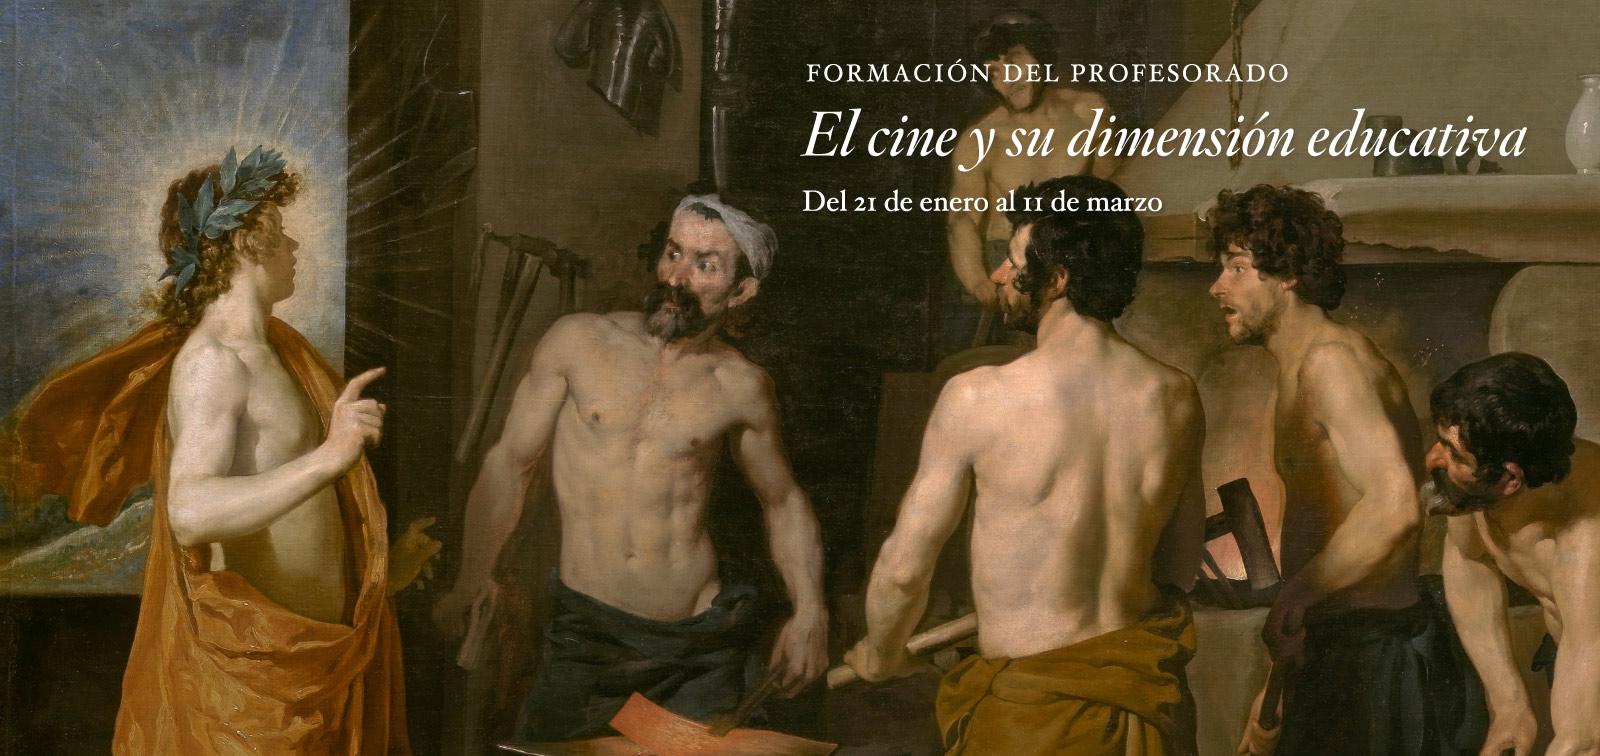 El cine y su dimensión educativa